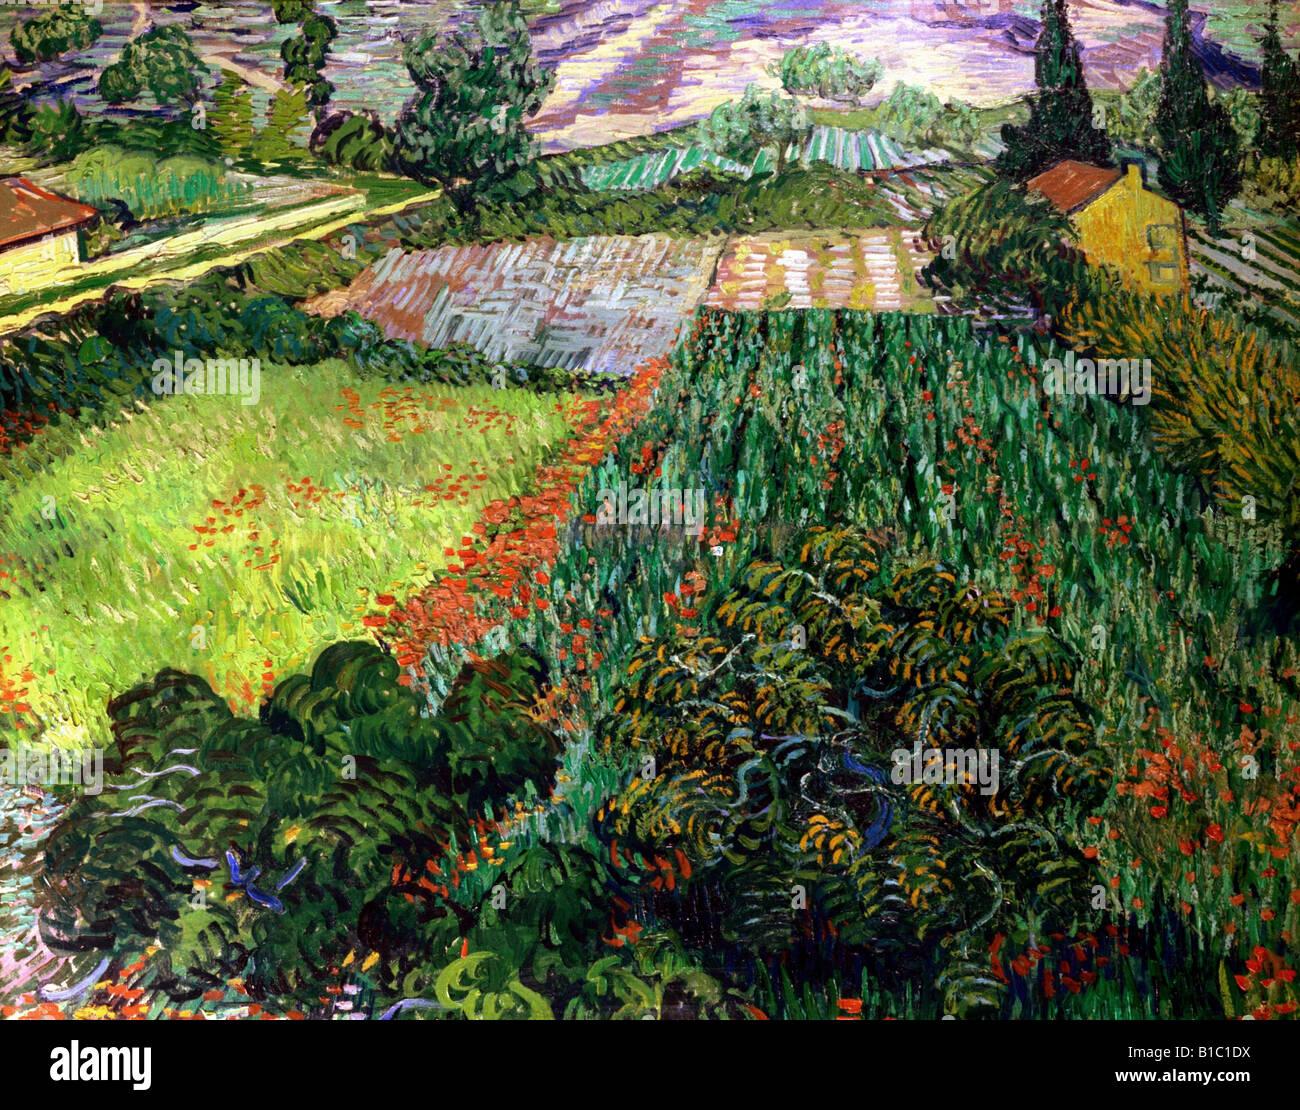 Bellas artes, Vincent van Gogh, (1853 - 1890), pintura, 'campo de amapolas,', 1889 / 1890, óleo sobre Imagen De Stock